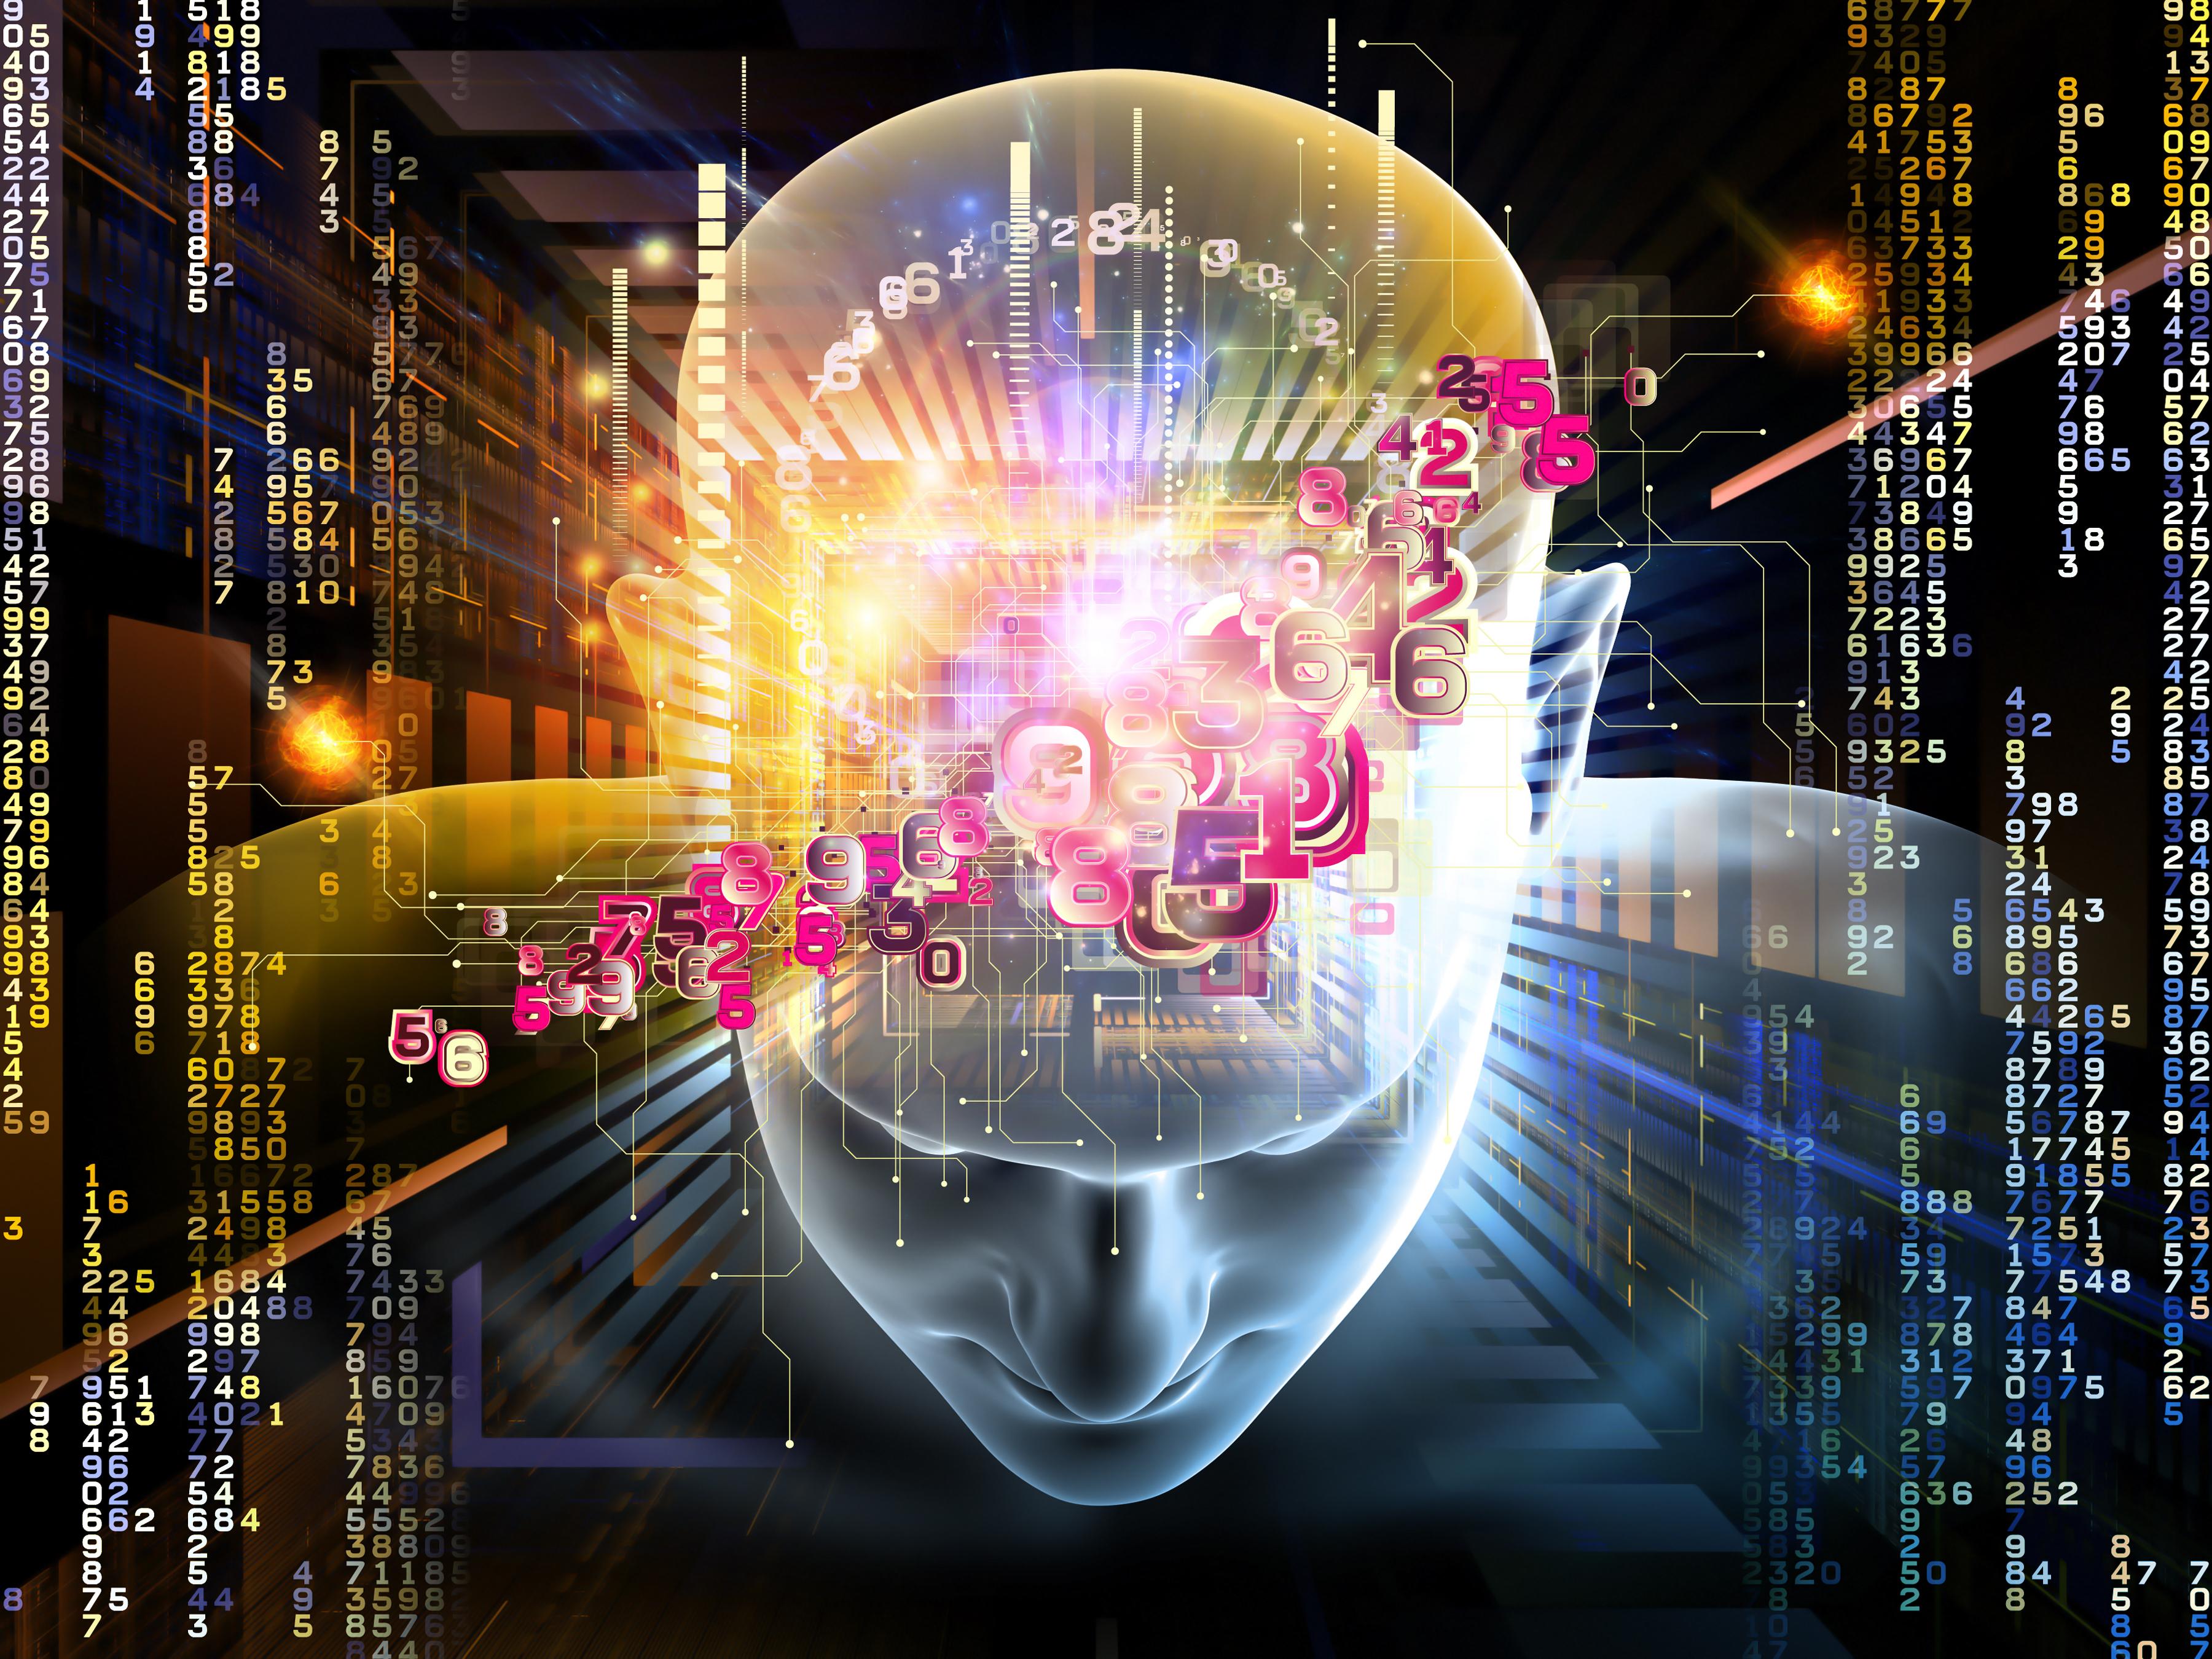 Künstliche Intelligenz ist für Bosch eine Schlüsseltechnologie der Zukunft. Das Technologieunternehmen plant, seine Aktivitäten in diesem Bereich weiter auszubauen.